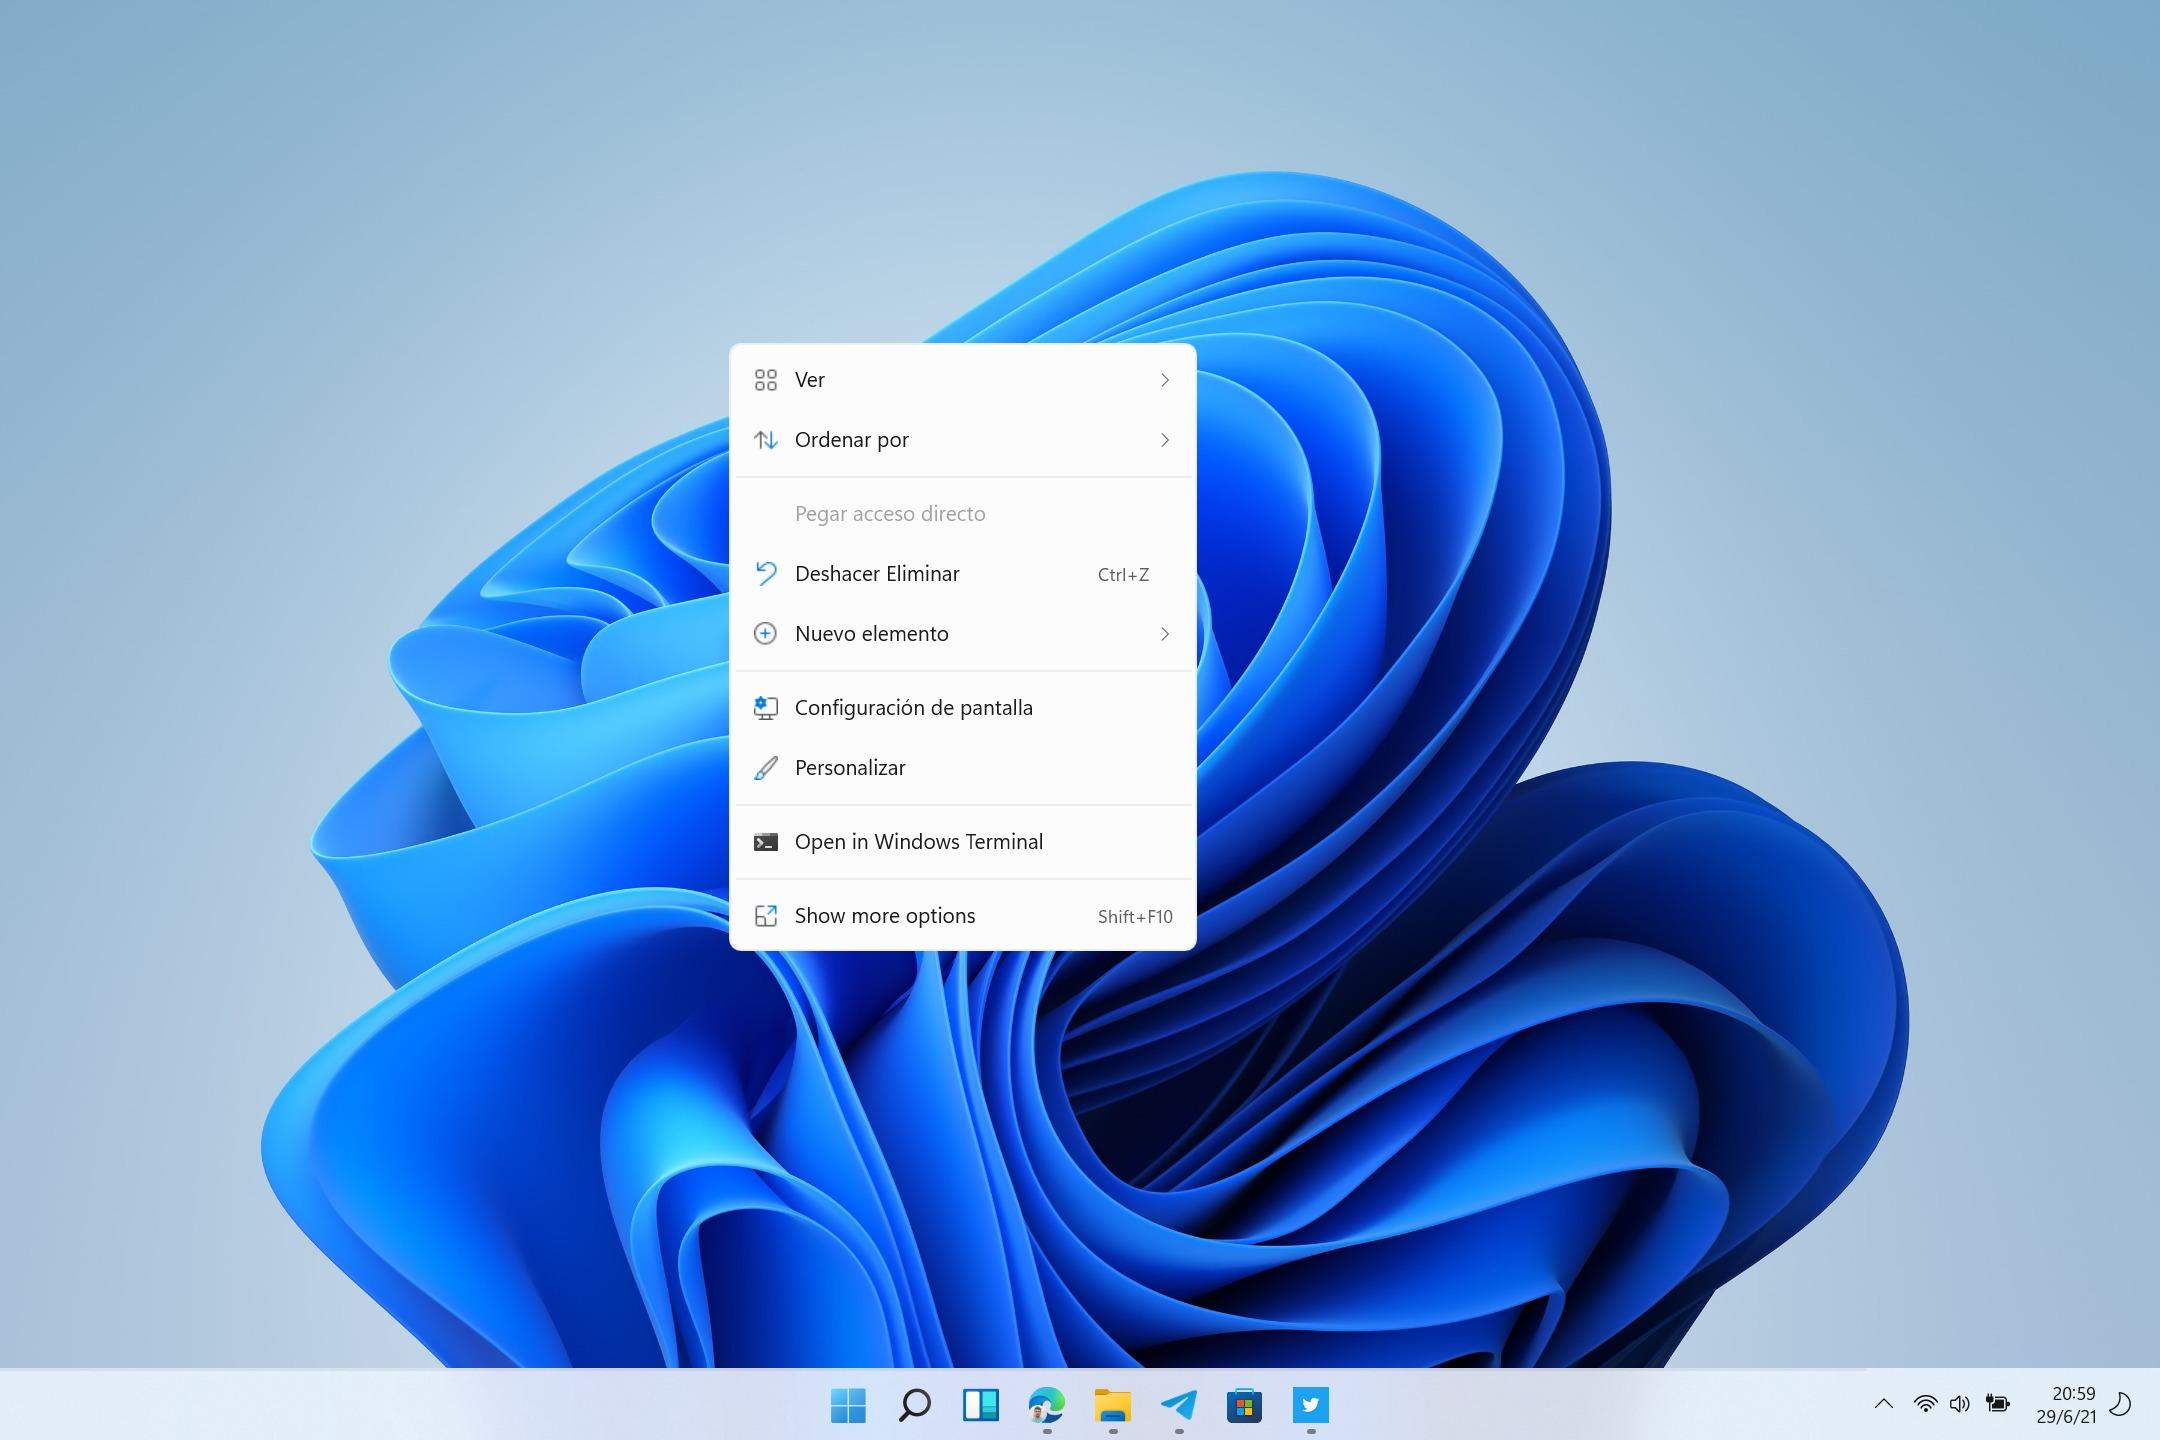 Menús contextuales de Windows 11